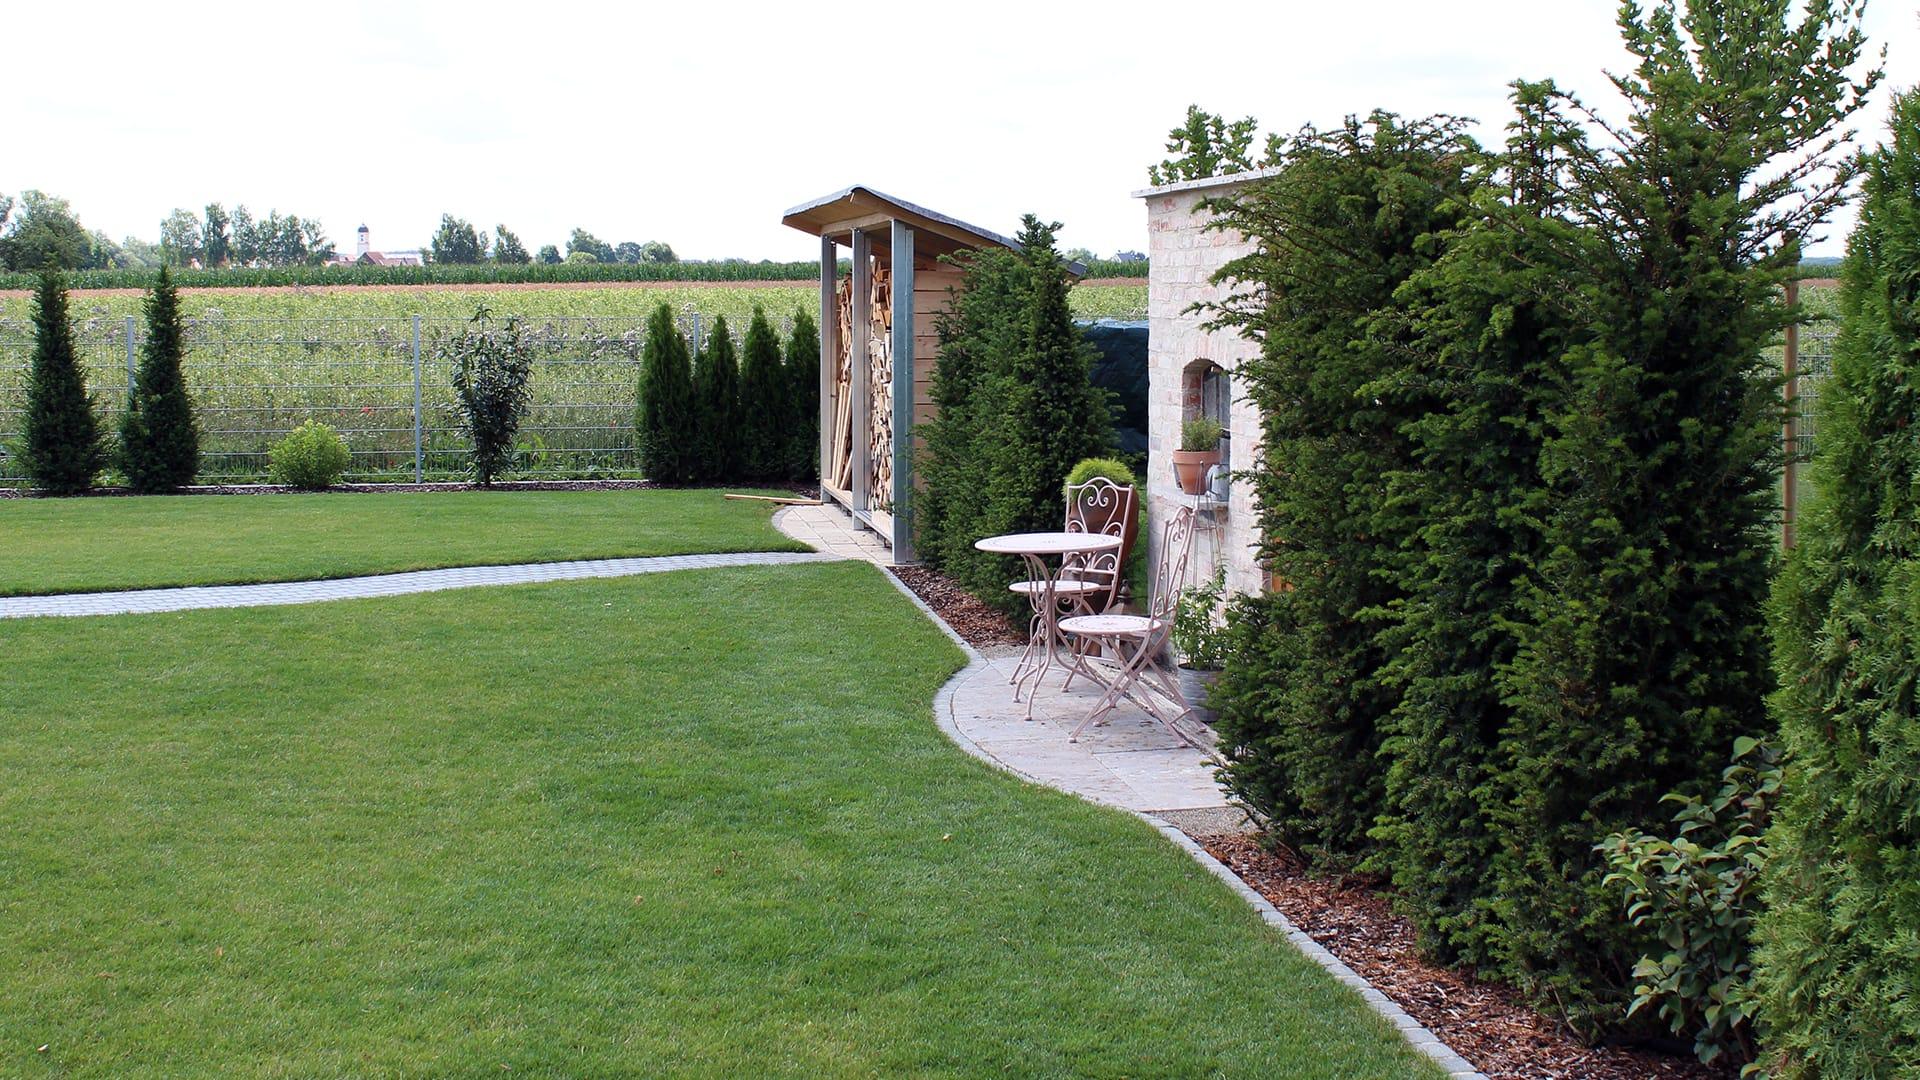 Mit Langjähriger Erfahrung Und Fachlichem Know How Setzen Wir Alle Ihre  Gestaltungideen Um Und Verwandeln Ihren Außenbereich In Eine Attraktive  Landschaft ...